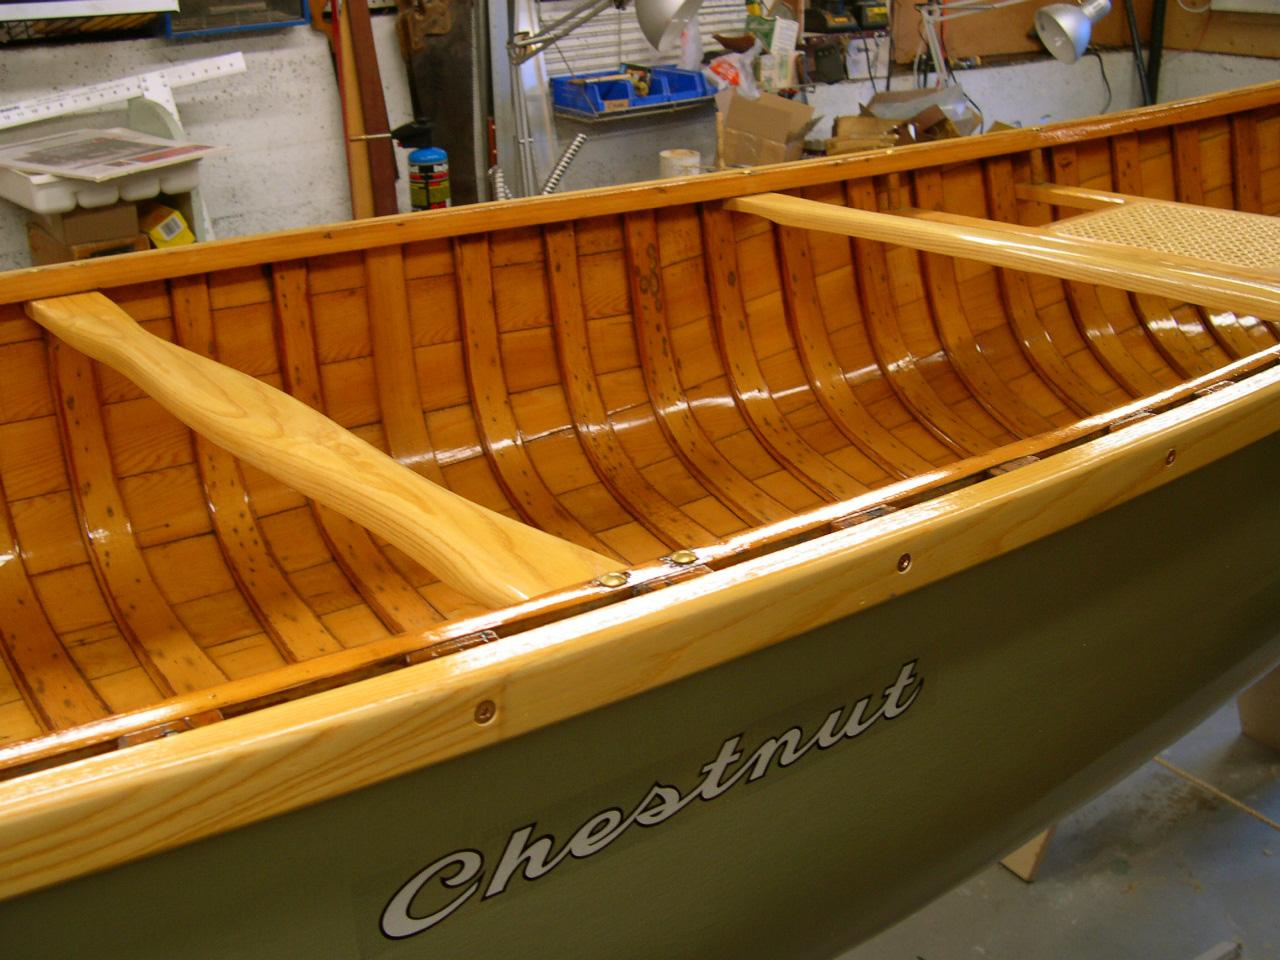 Green Chestnut Canoe